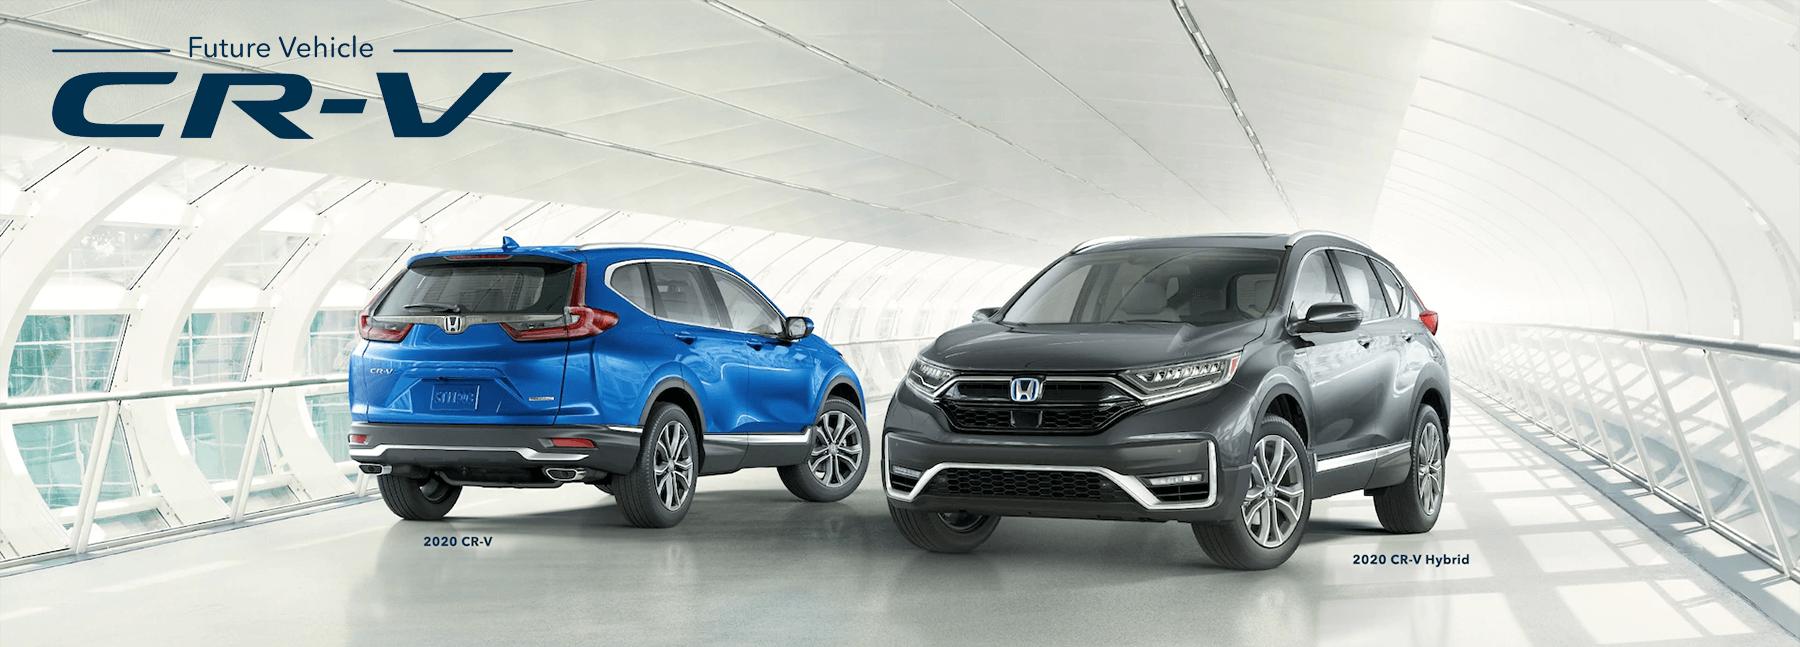 Honda Future Vehicle 2020 CR-V Slider